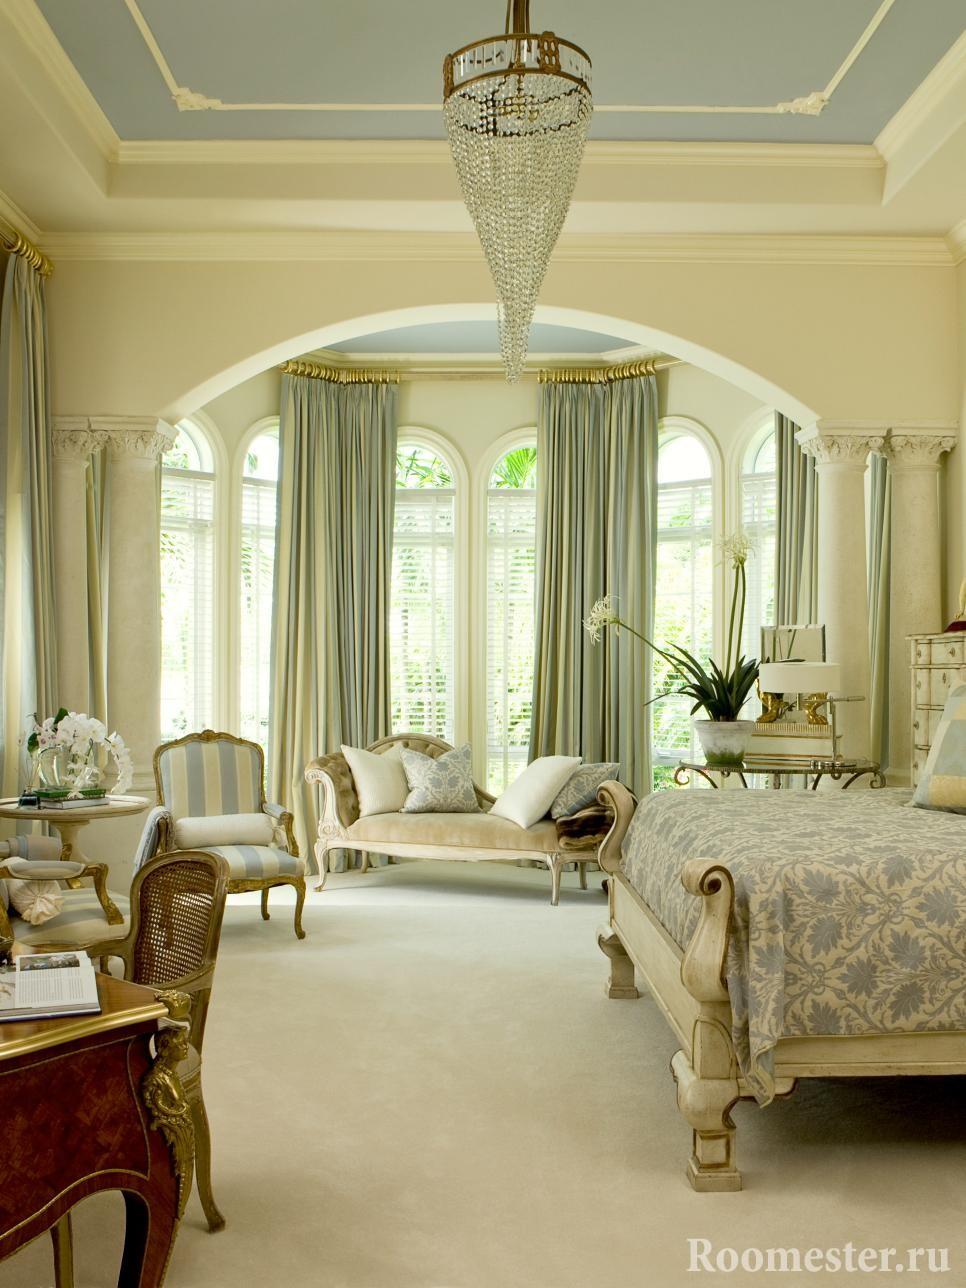 Классический интерьер гостиной с аркой